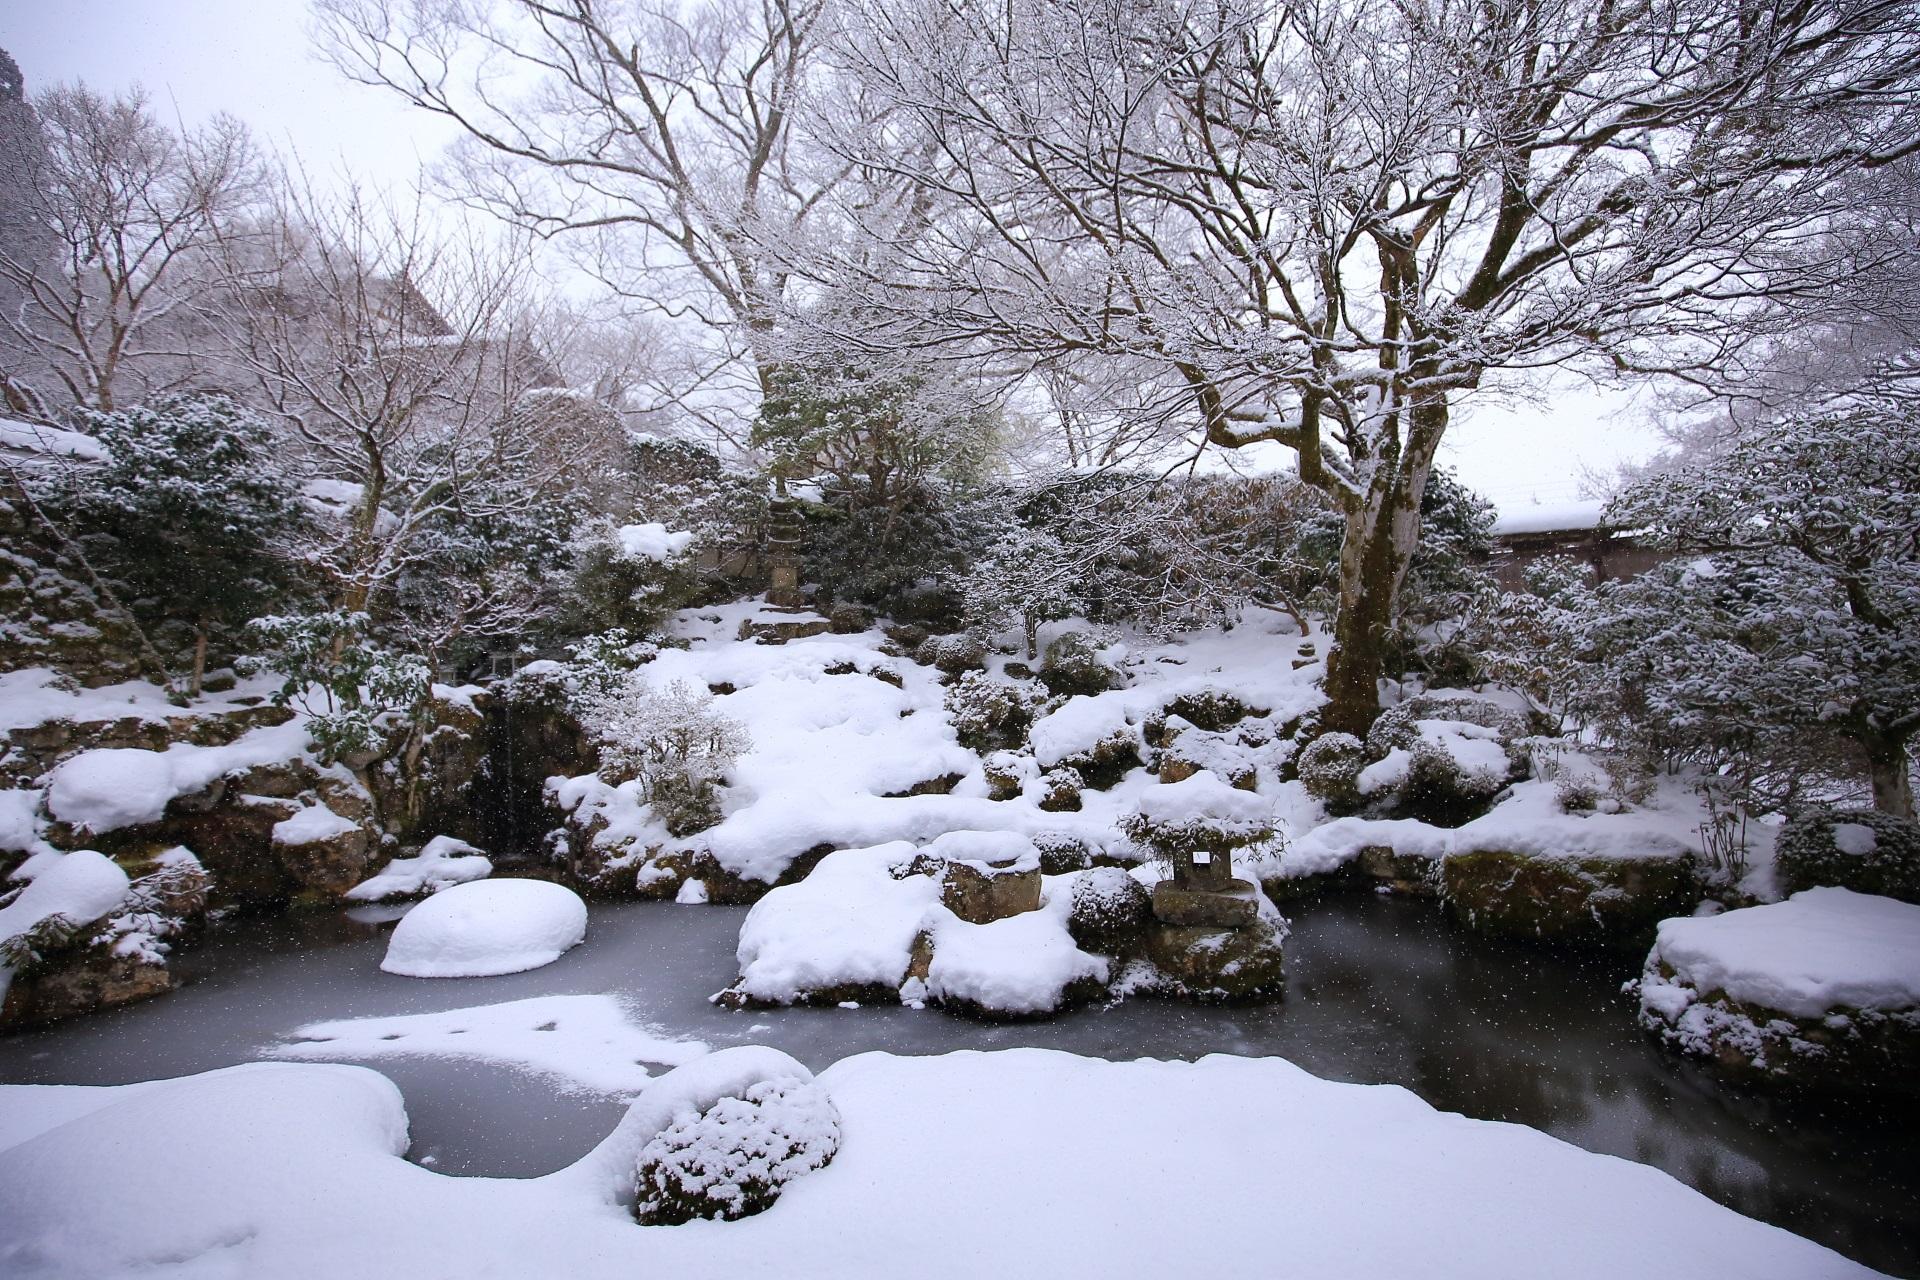 実光院 雪 京都大原の風情ある冬景色